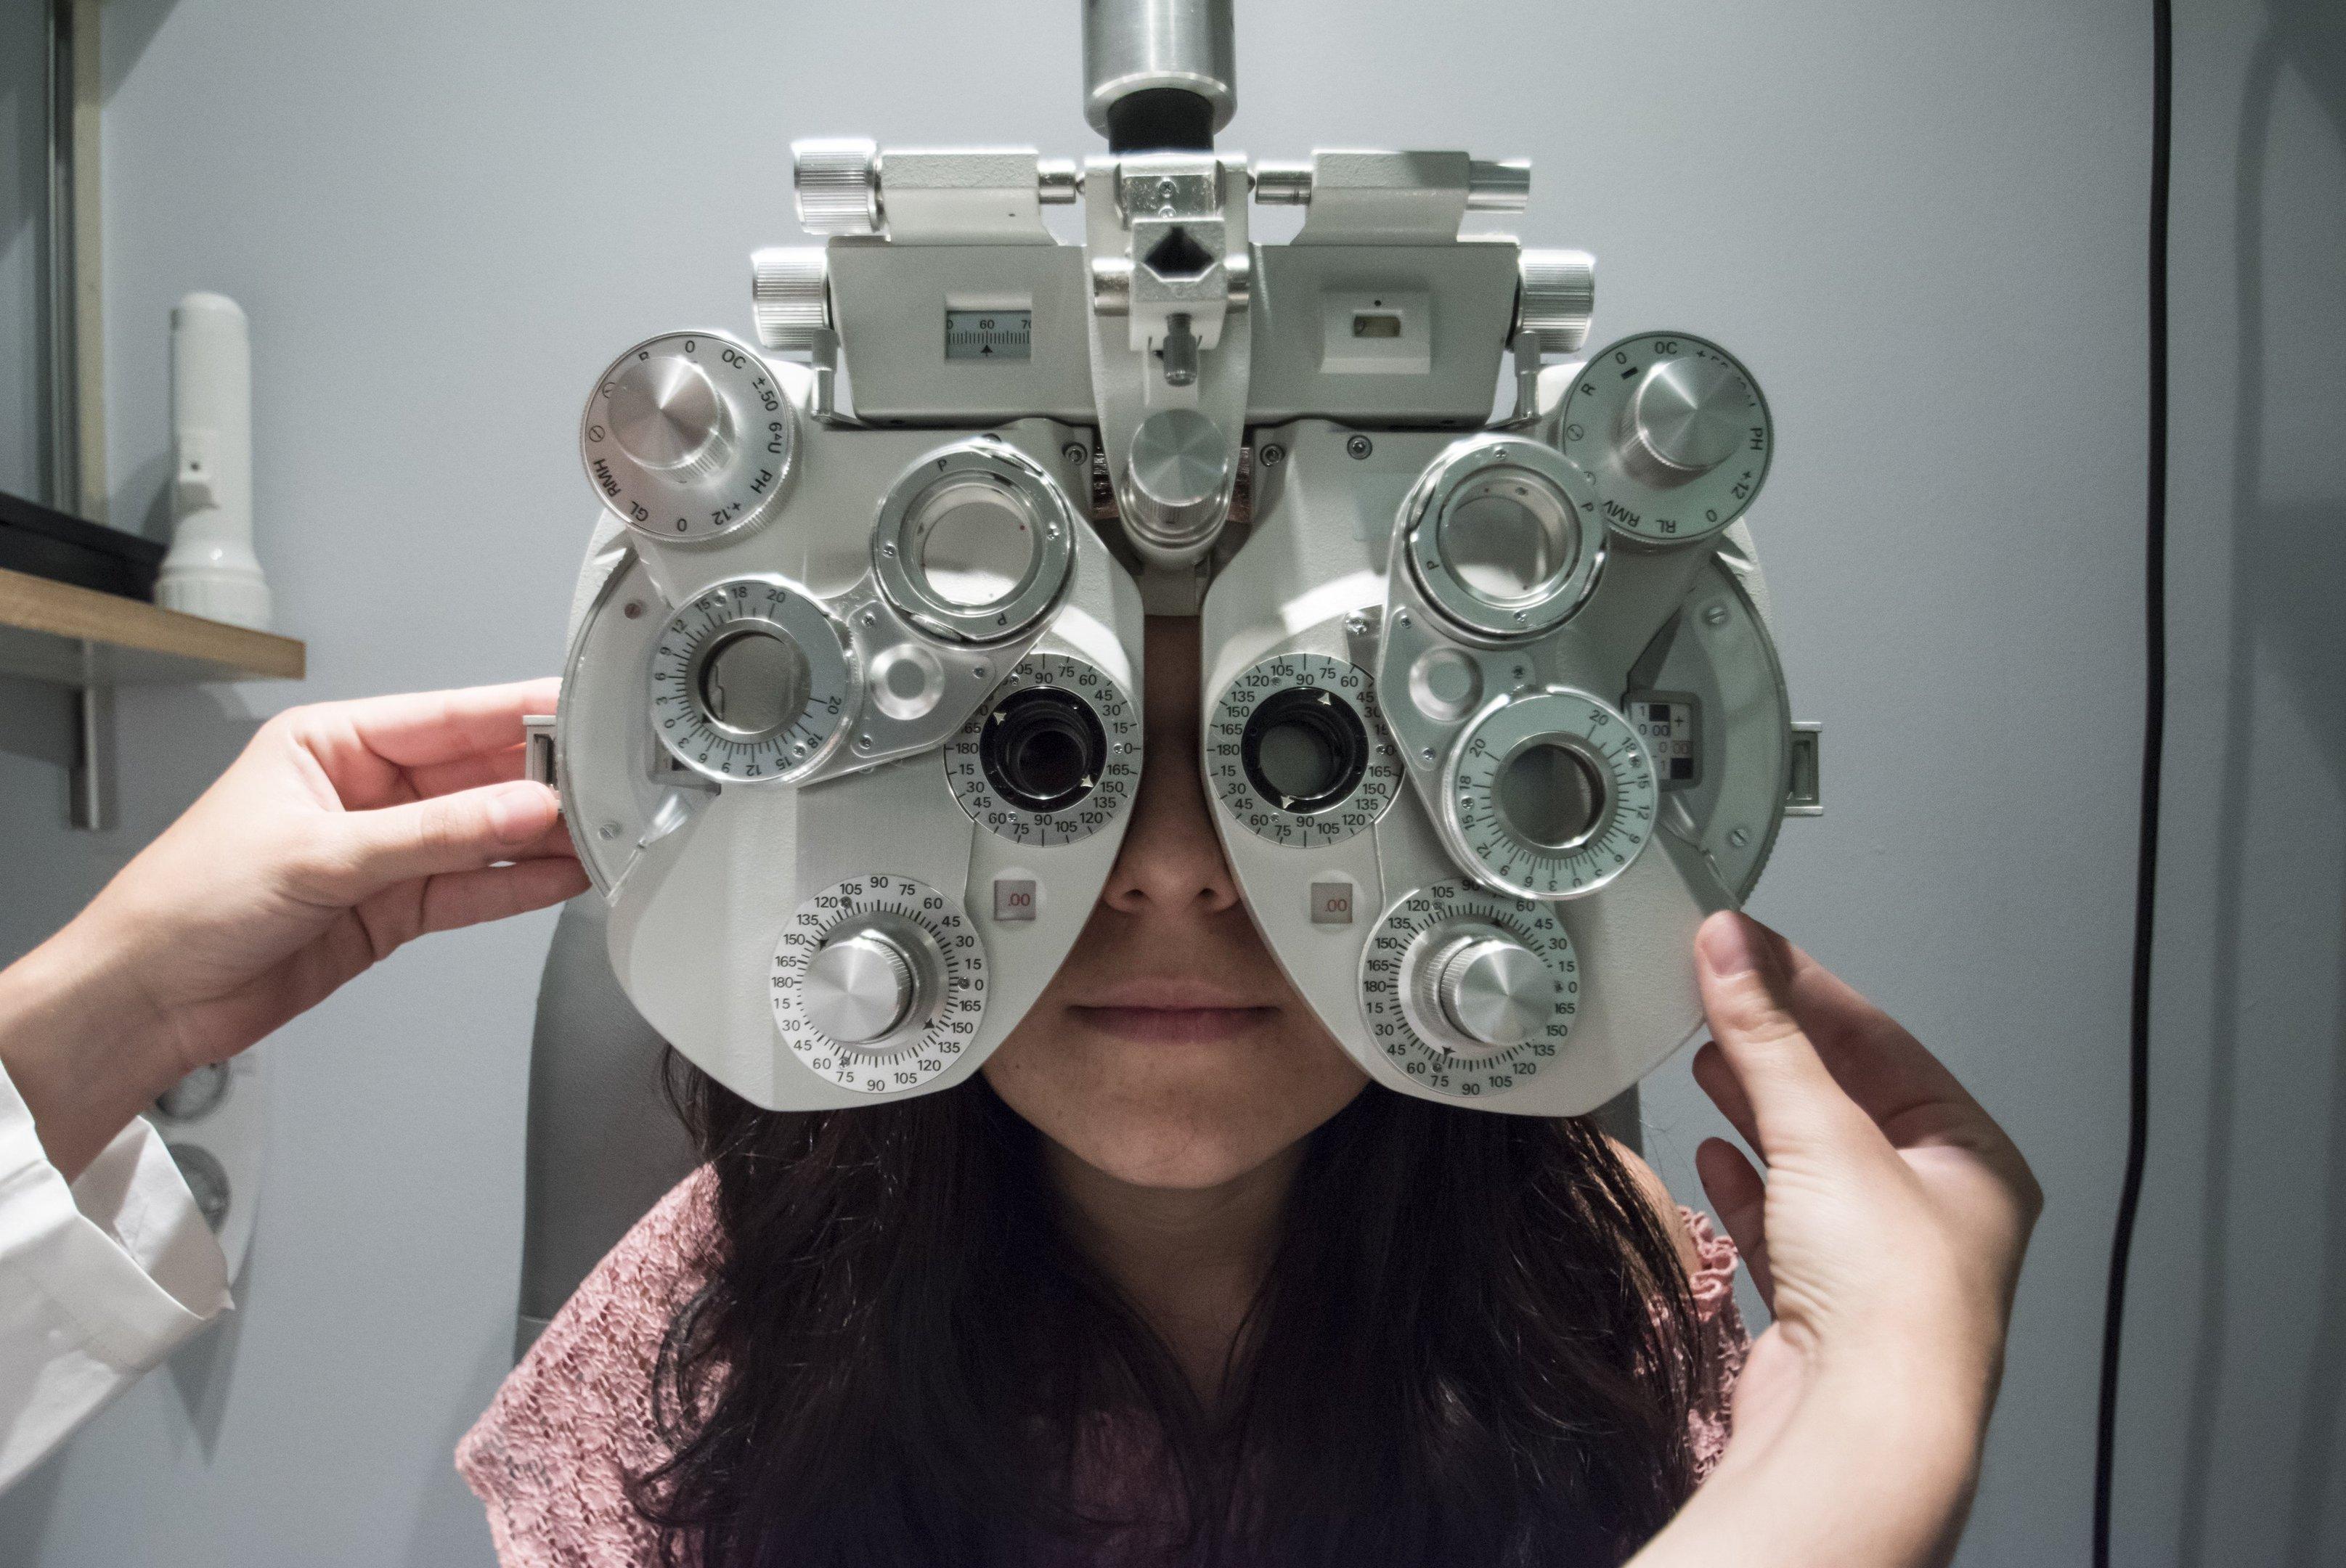 Aché expande para mercado de oftalmologia com dois novos produtos